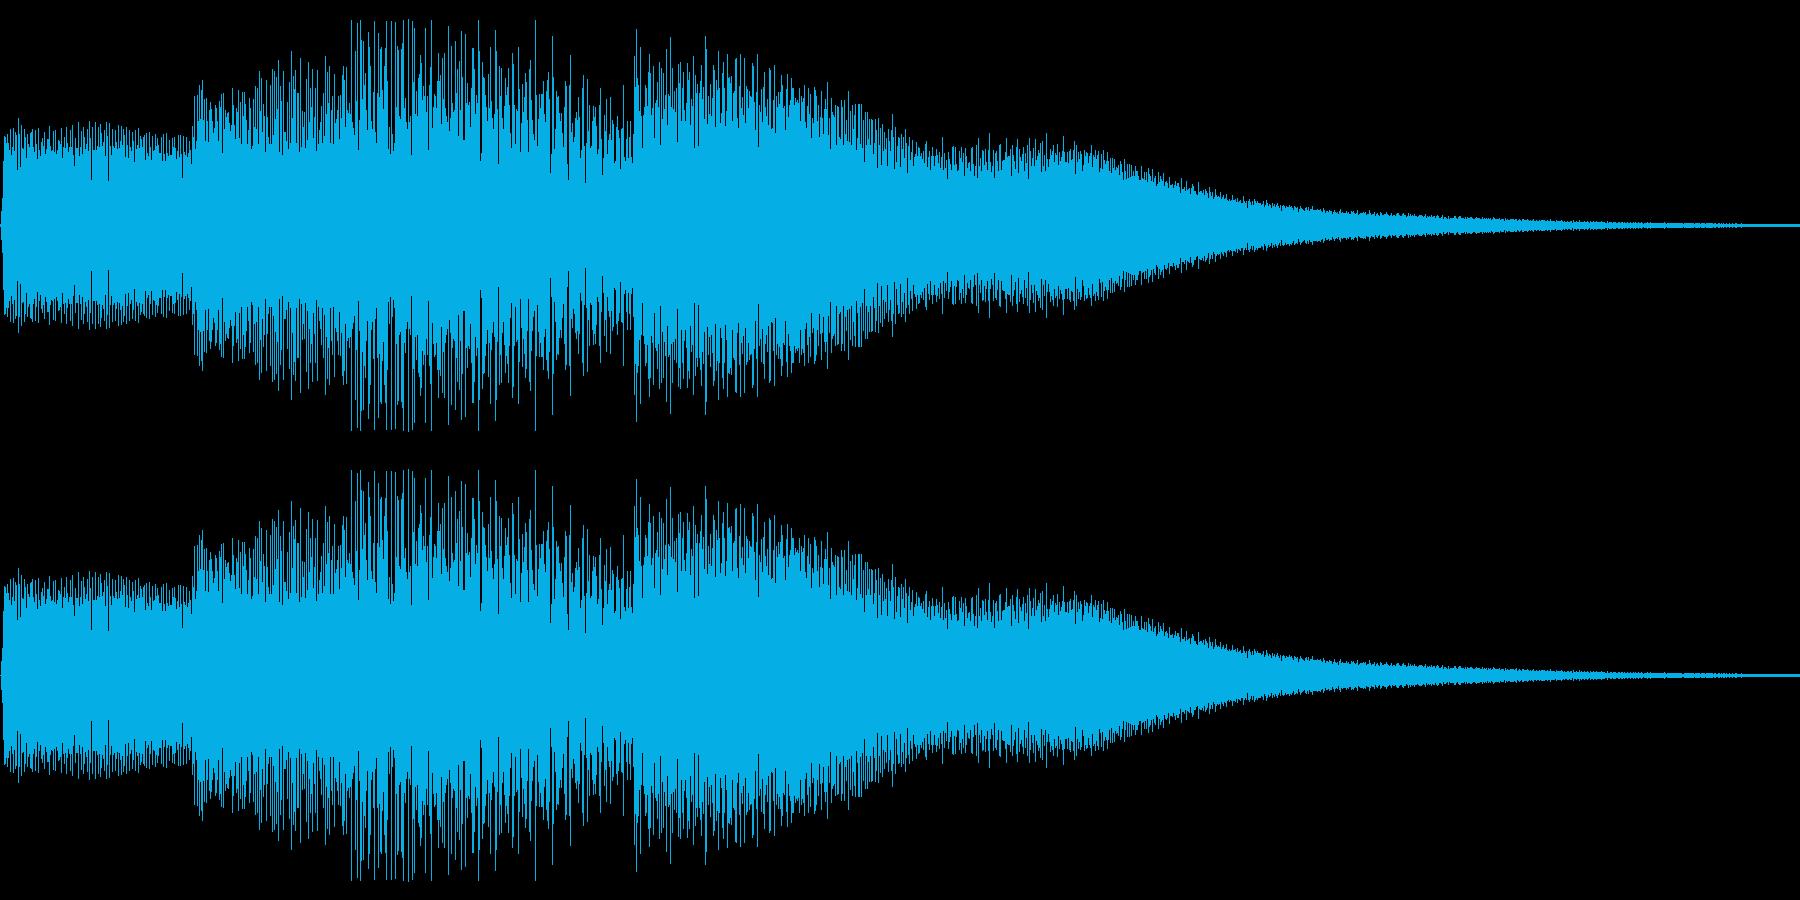 ピロリロ(ボタン音・決定音)上昇メロの再生済みの波形